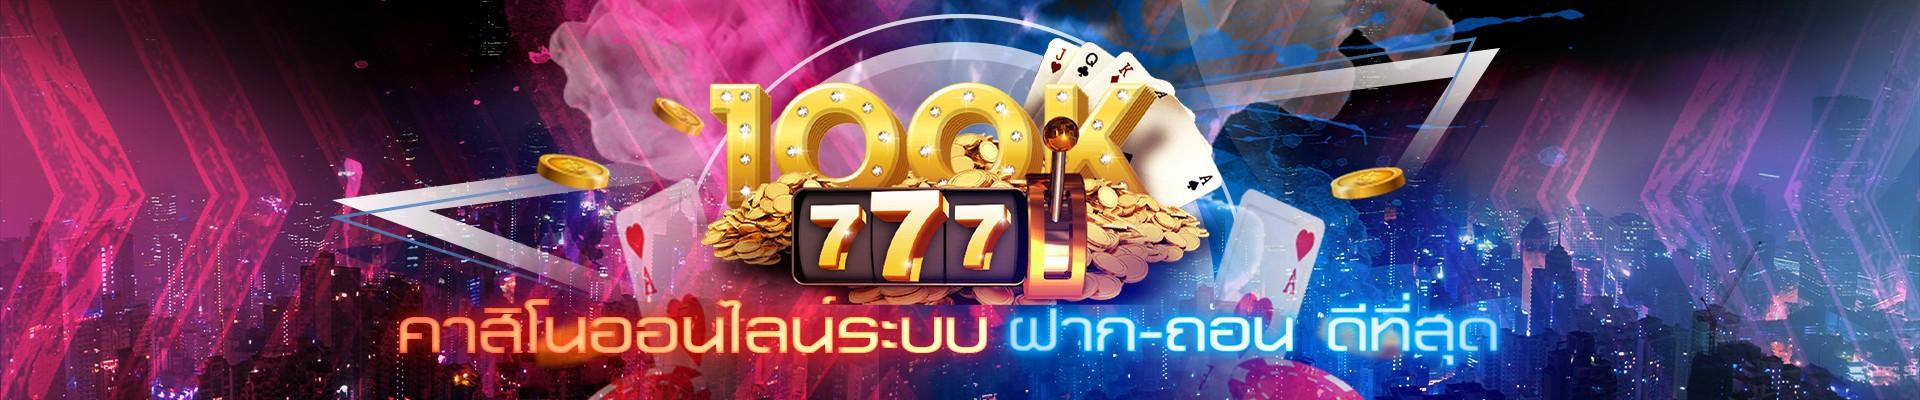 Gclub casino คาสิโนบนมือถือ คาสิโนออนไลน์ระบบออโต้